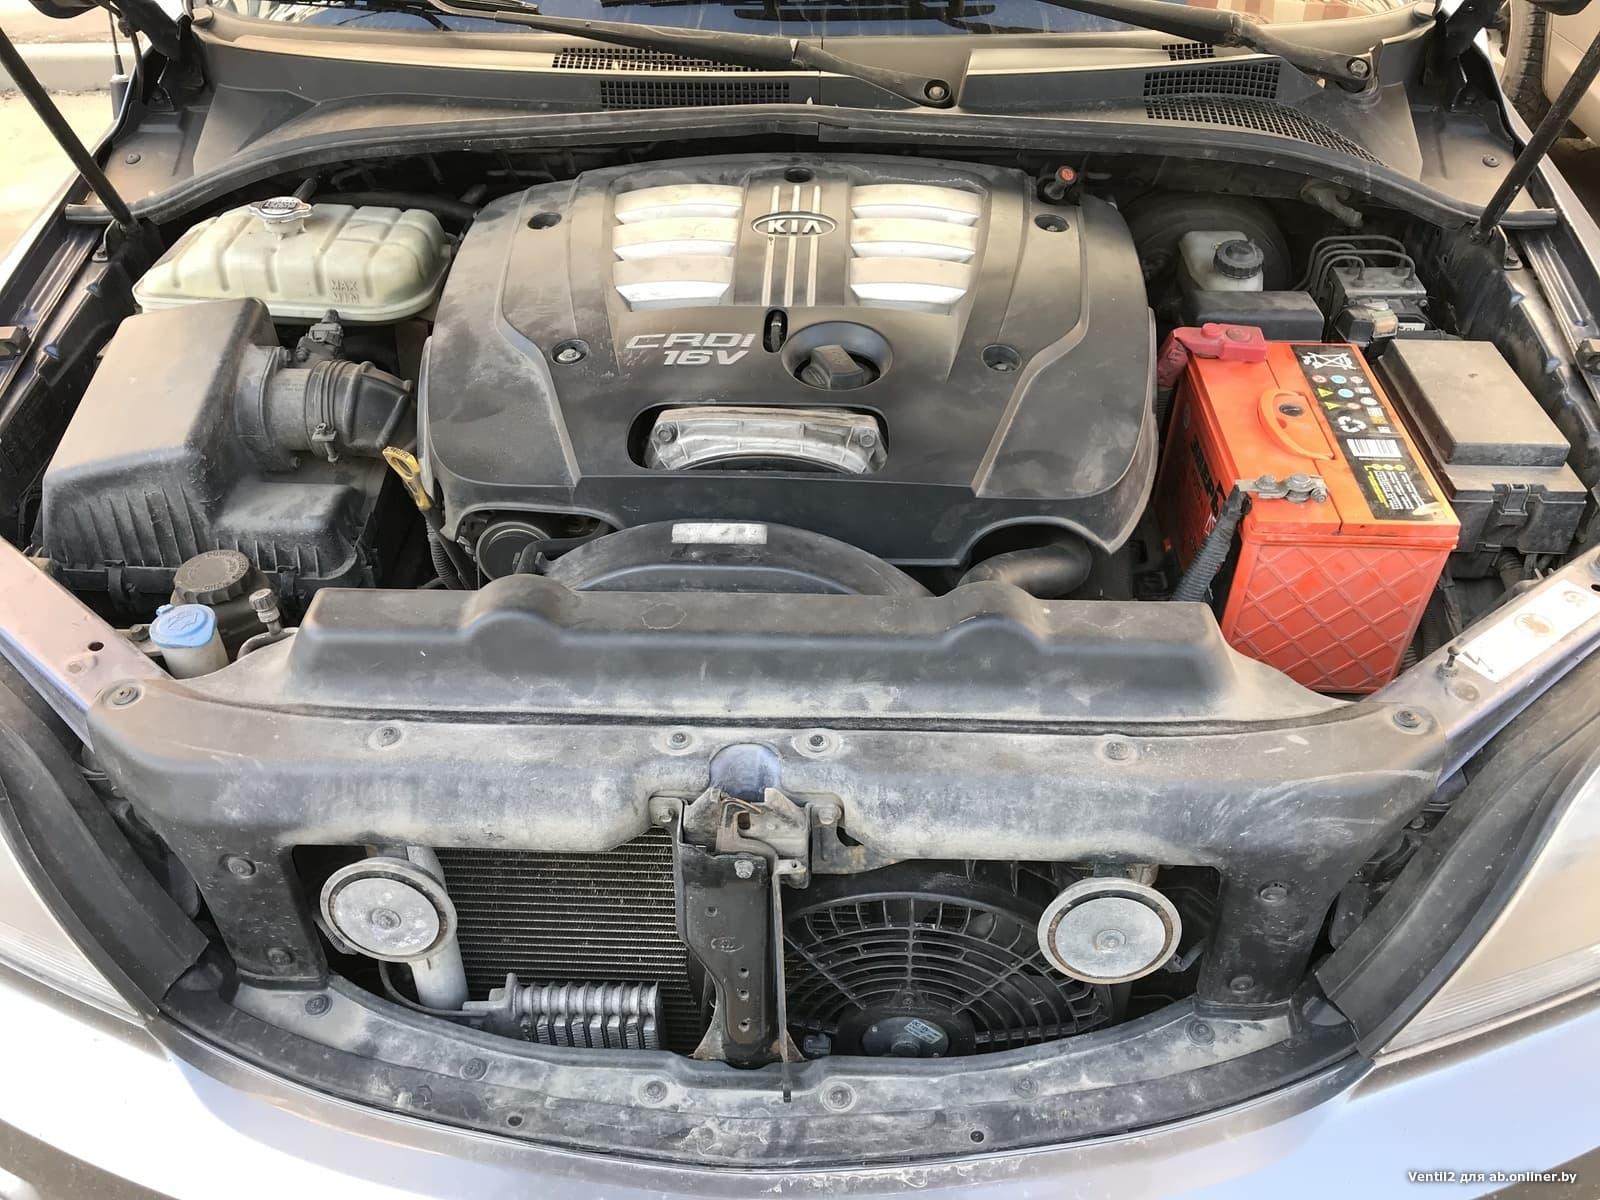 Kia Sorento EX Supercharged